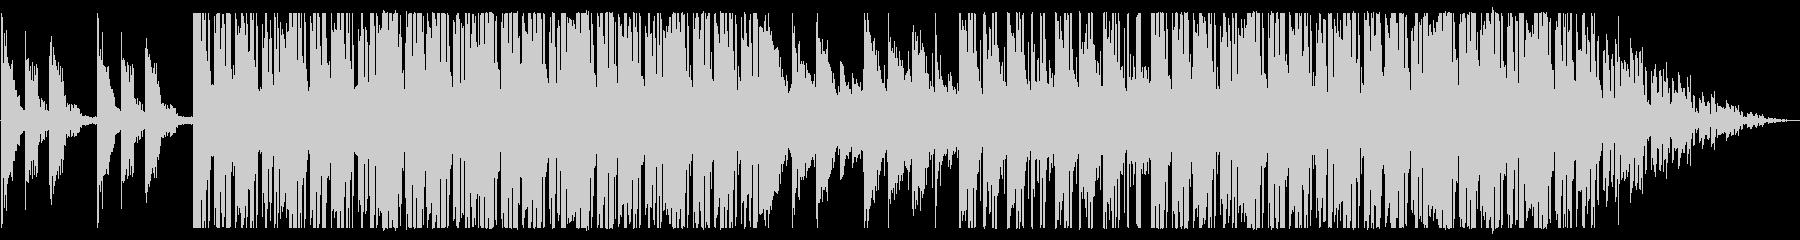 浮遊感/孤独/R&B_No437の未再生の波形